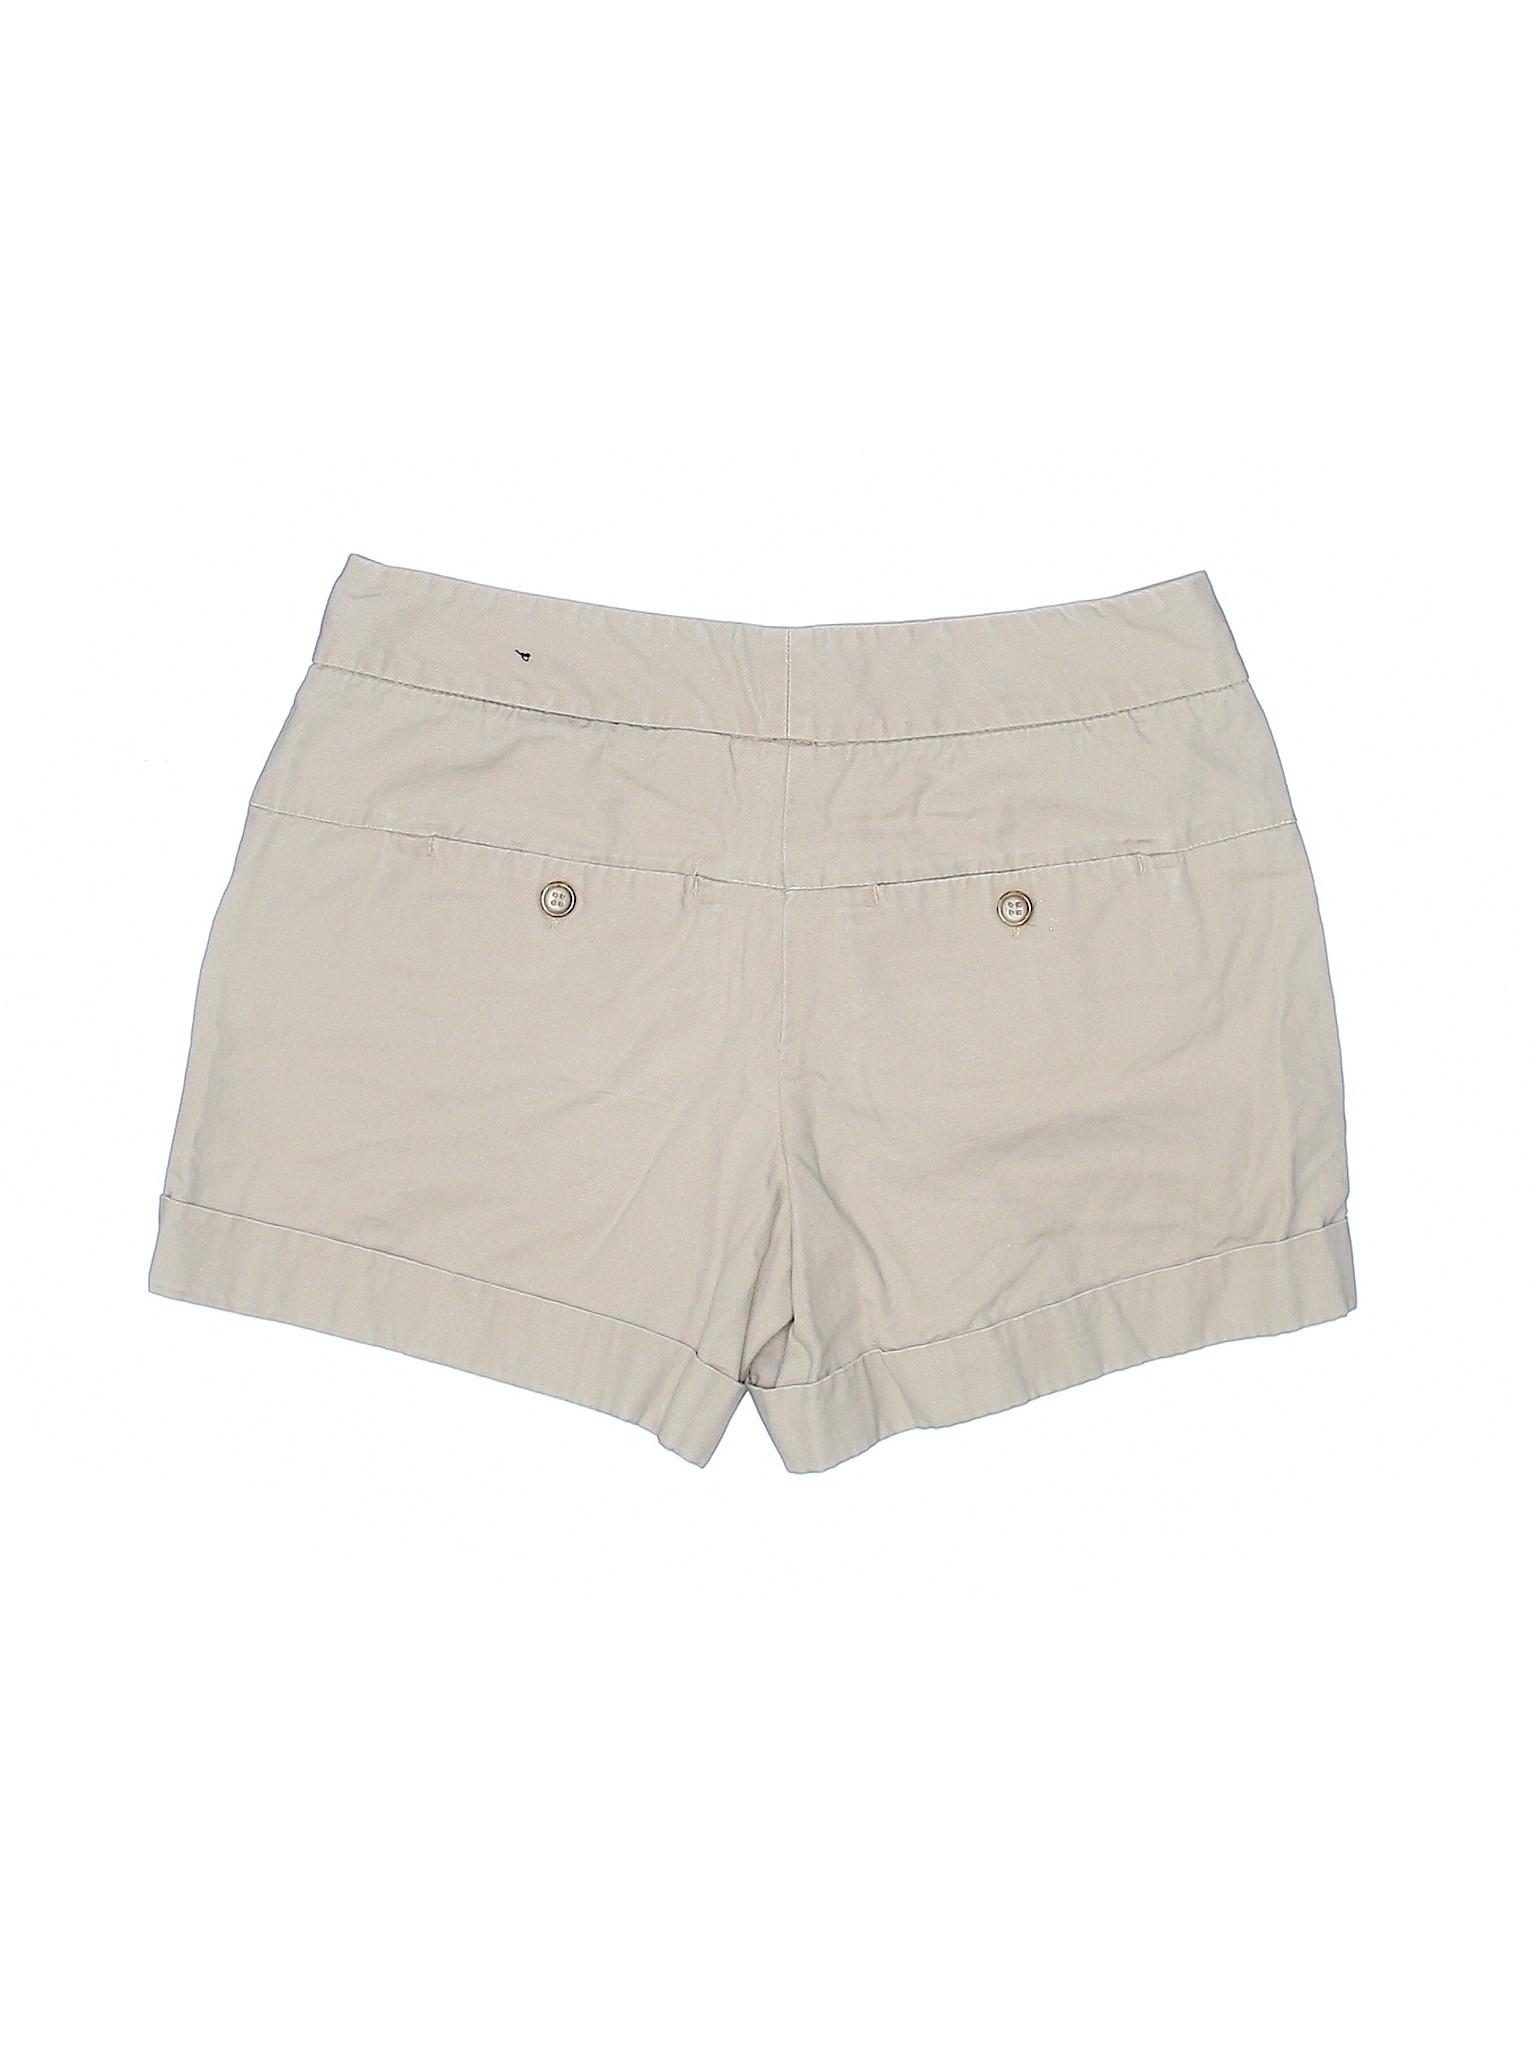 Boutique Shorts Boutique Khaki Limited The The 6qRTwr6